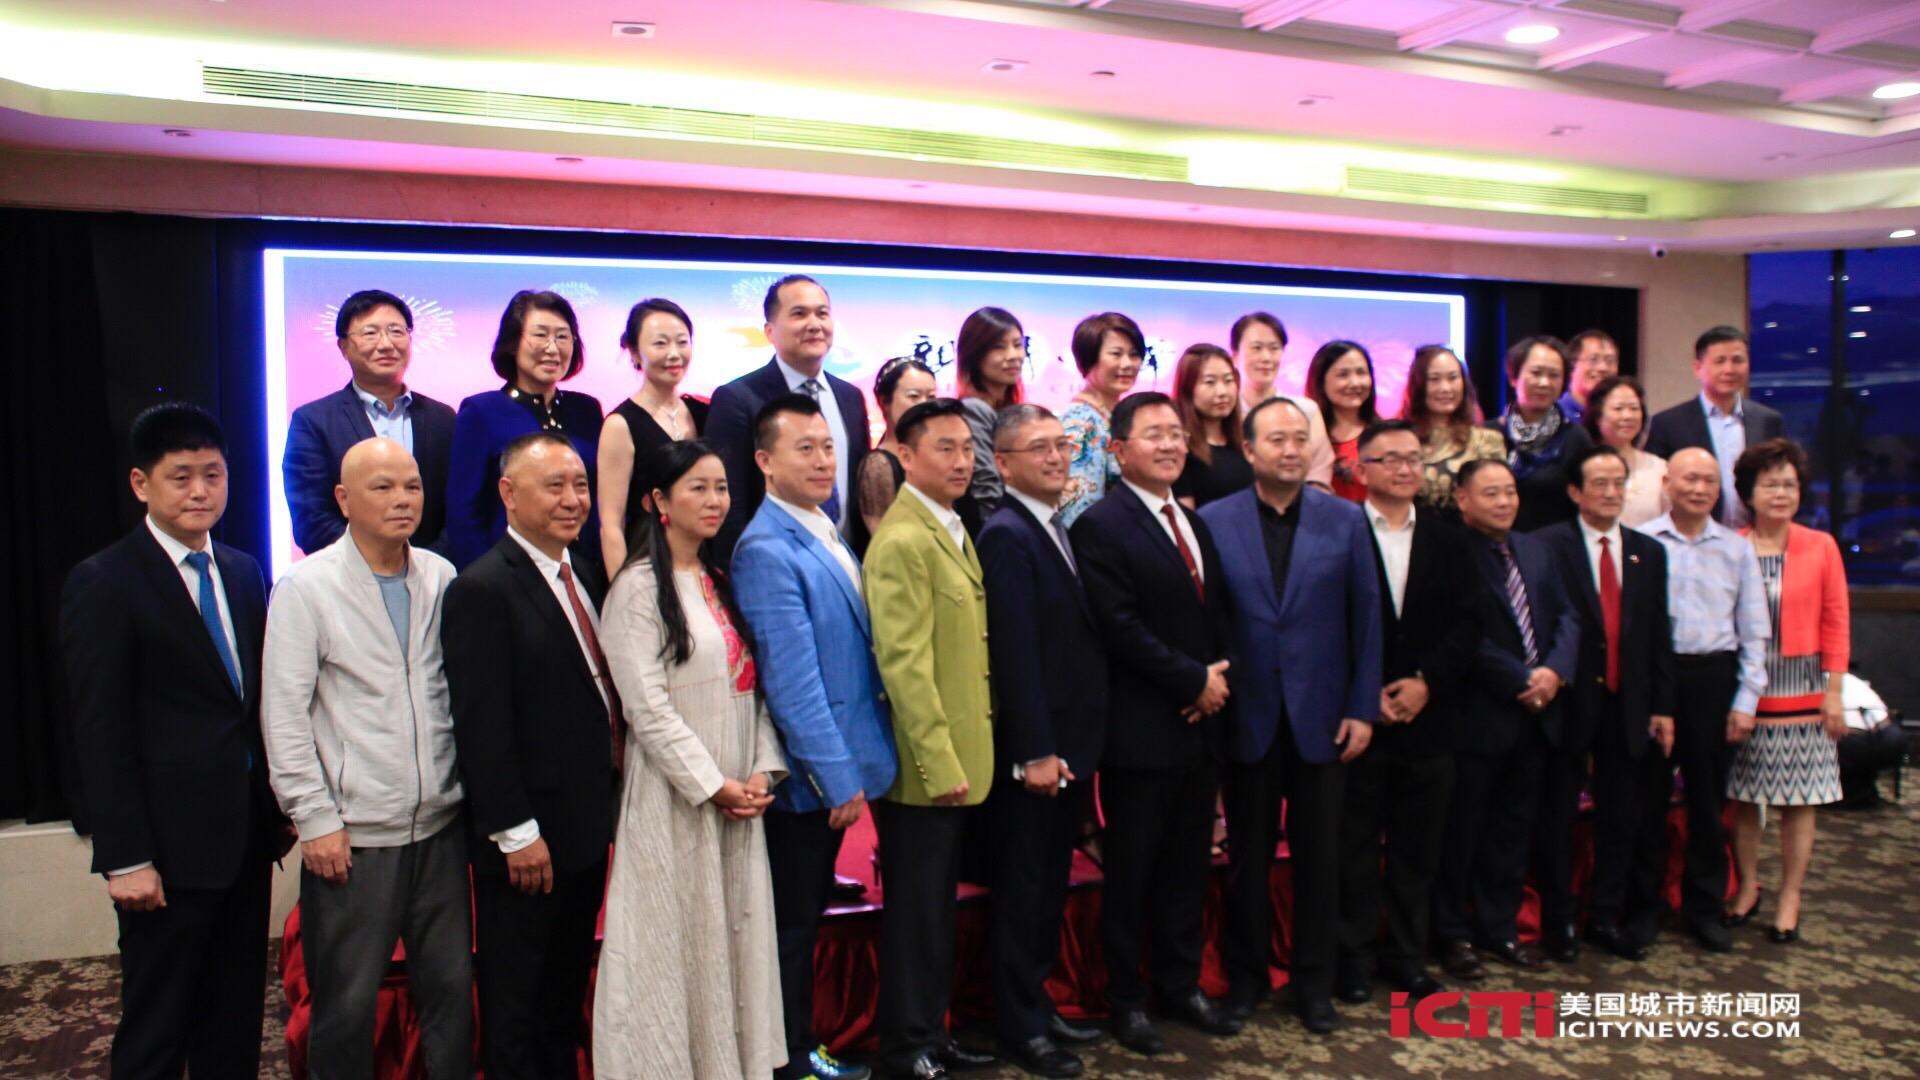 南加侨界欢迎亲情中华艺术团访问洛杉矶